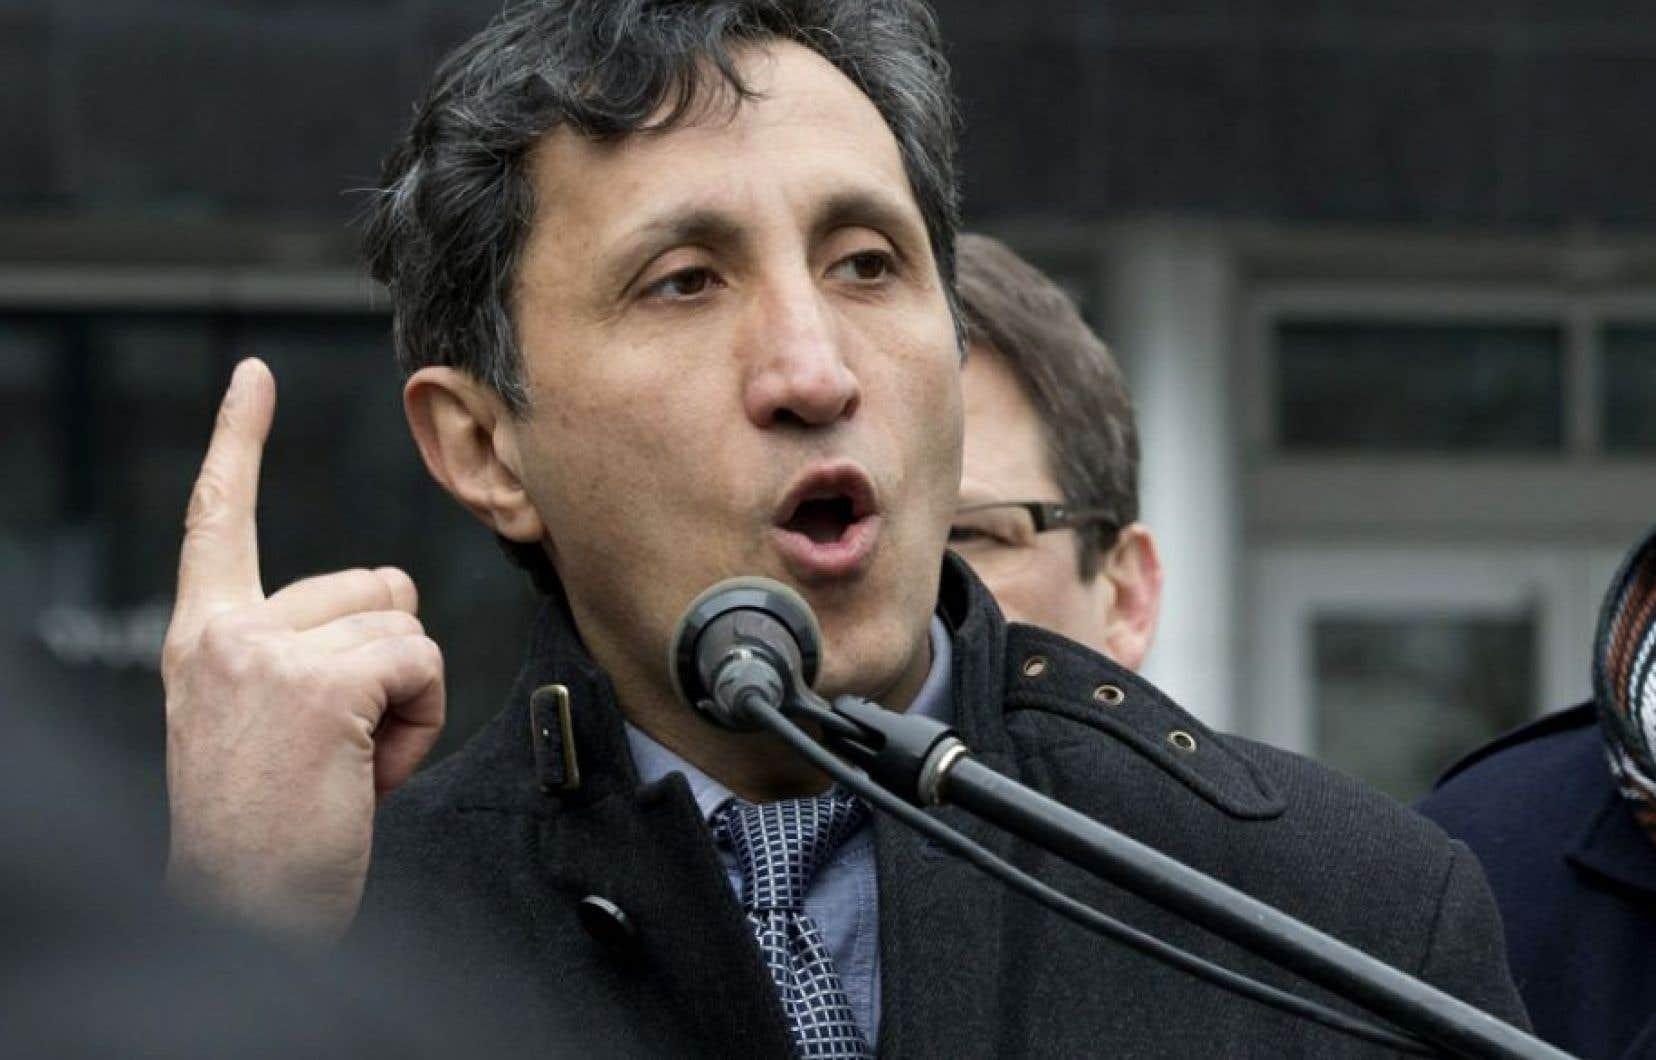 M. Khadir ne s'inquiète pas qu'un candidat que l'on situe plus «à droite» de l'échiquier politique, obtienne la faveur du publique.